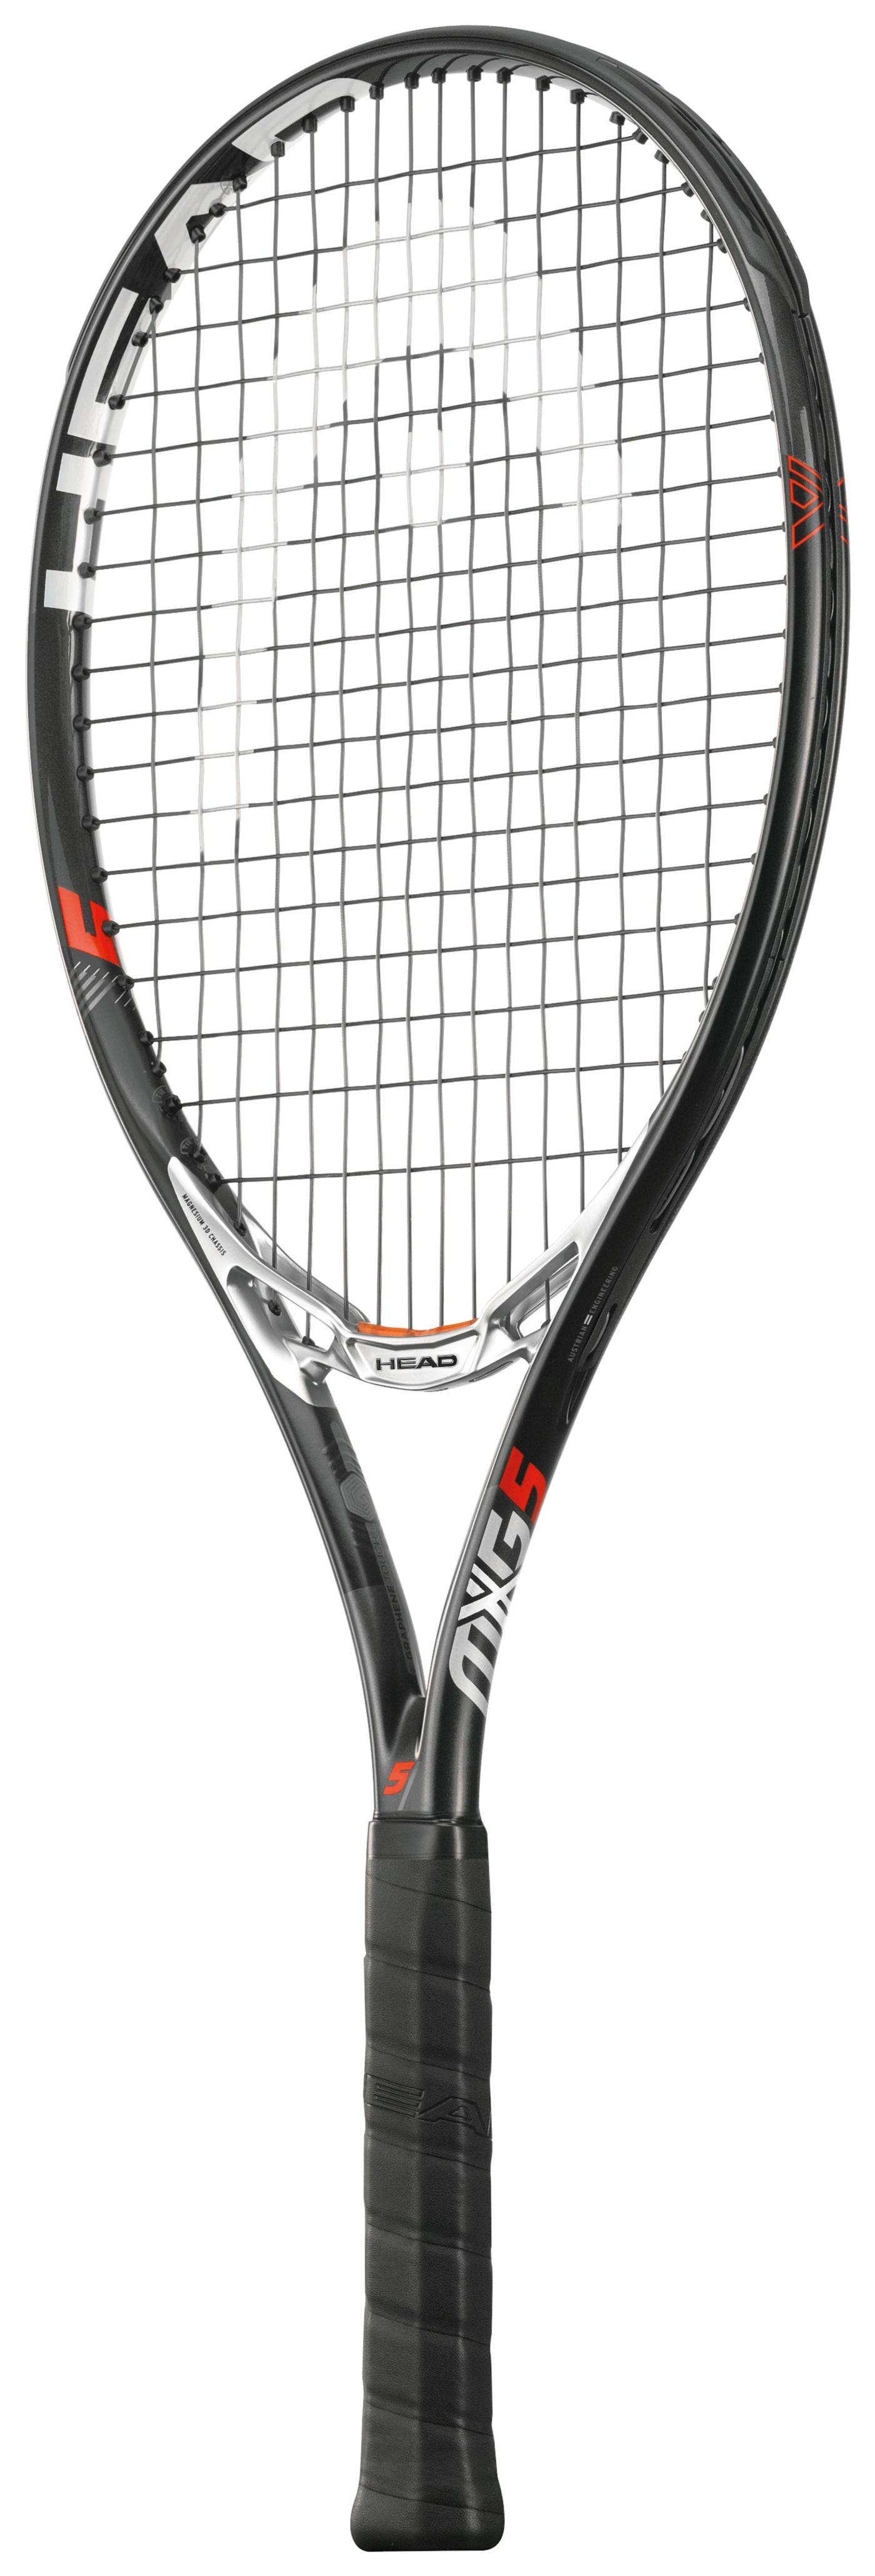 Head MxG 5 Tennis Racquet - Unstrung